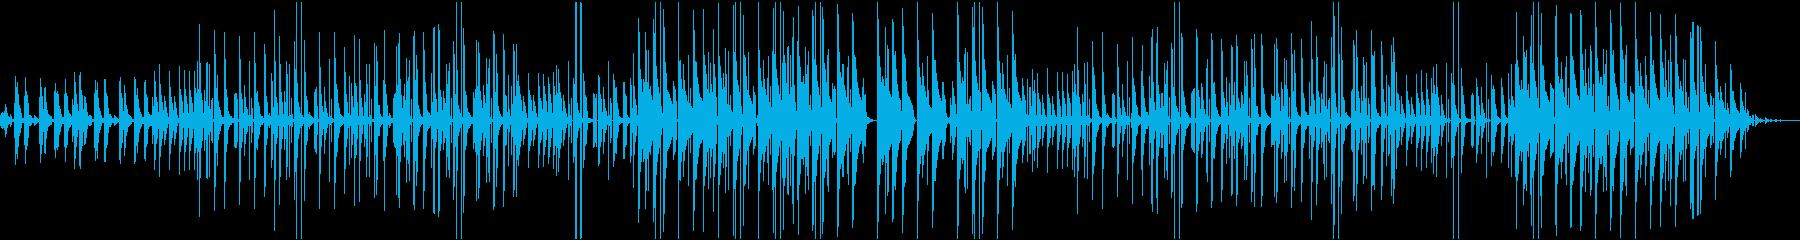 ピアノのヒップホップビートの再生済みの波形